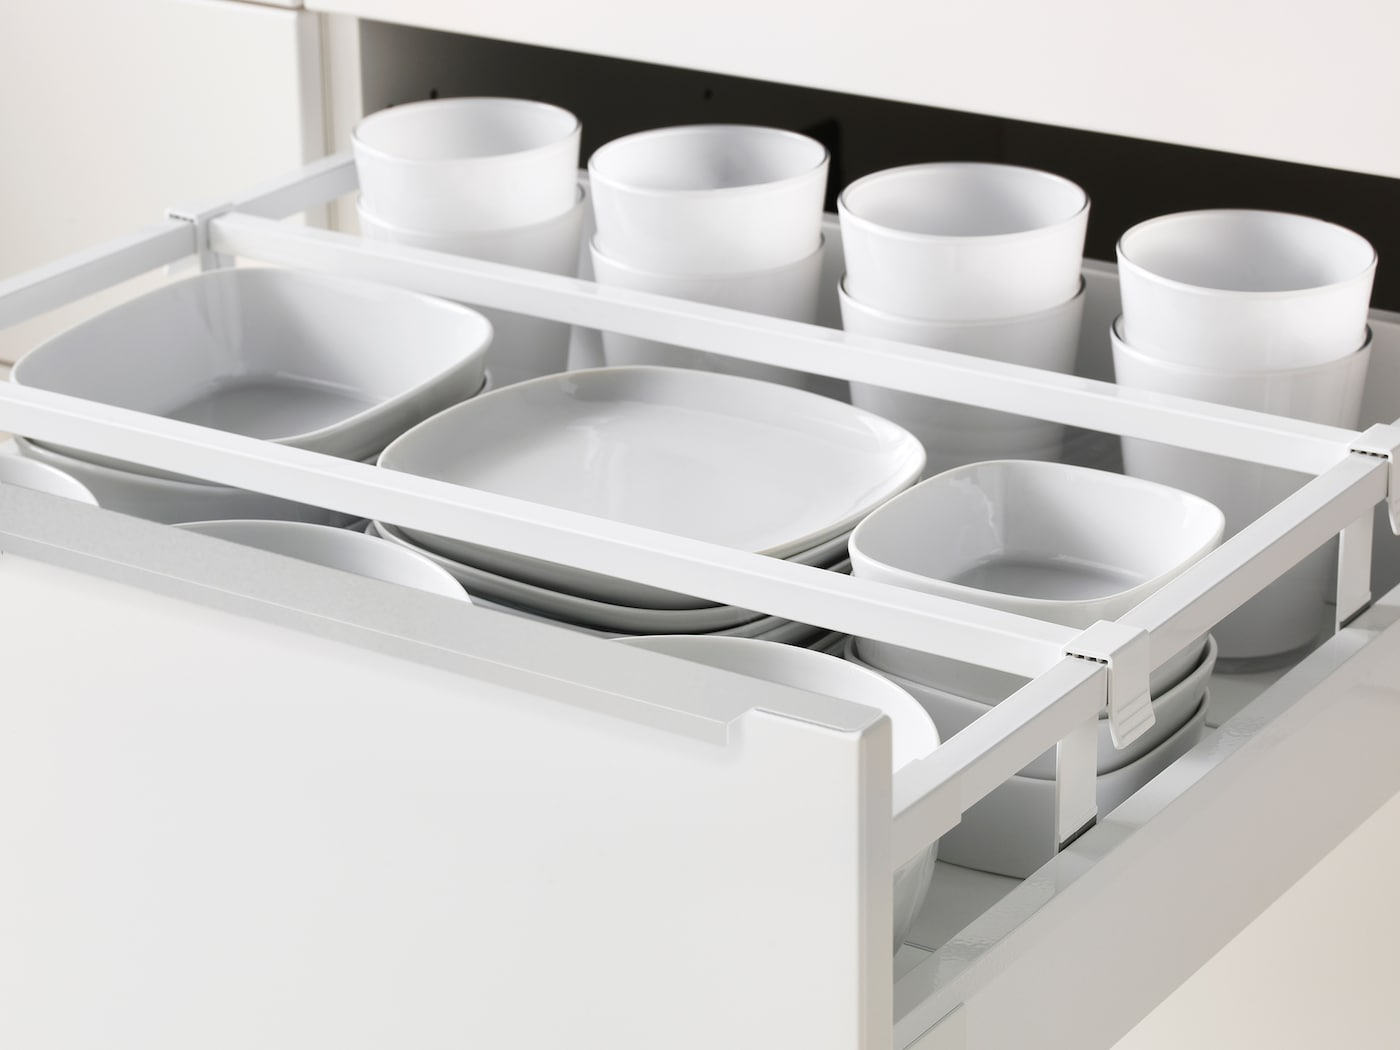 Full Size of Kchenschrnke Organisieren Praktische Tipps Ikea Deutschland Küche Hängeschrank Höhe Winkel Landhaus Kräutergarten Was Kostet Eine Treteimer Wasserhahn Wohnzimmer Ikea Aufbewahrung Küche